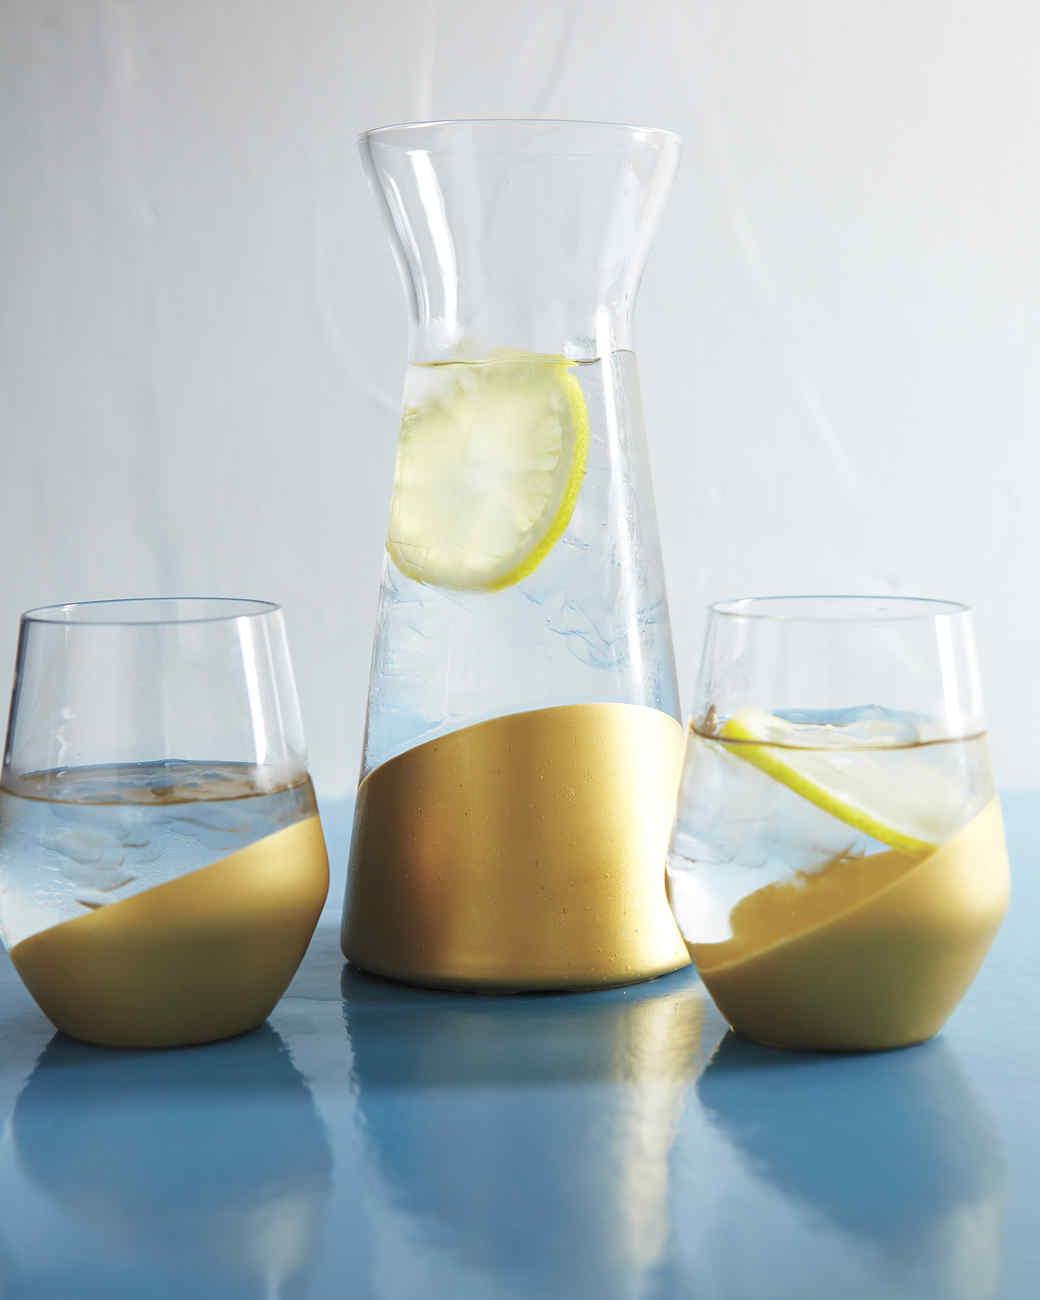 gilded-glasses-0911mld107646.jpg